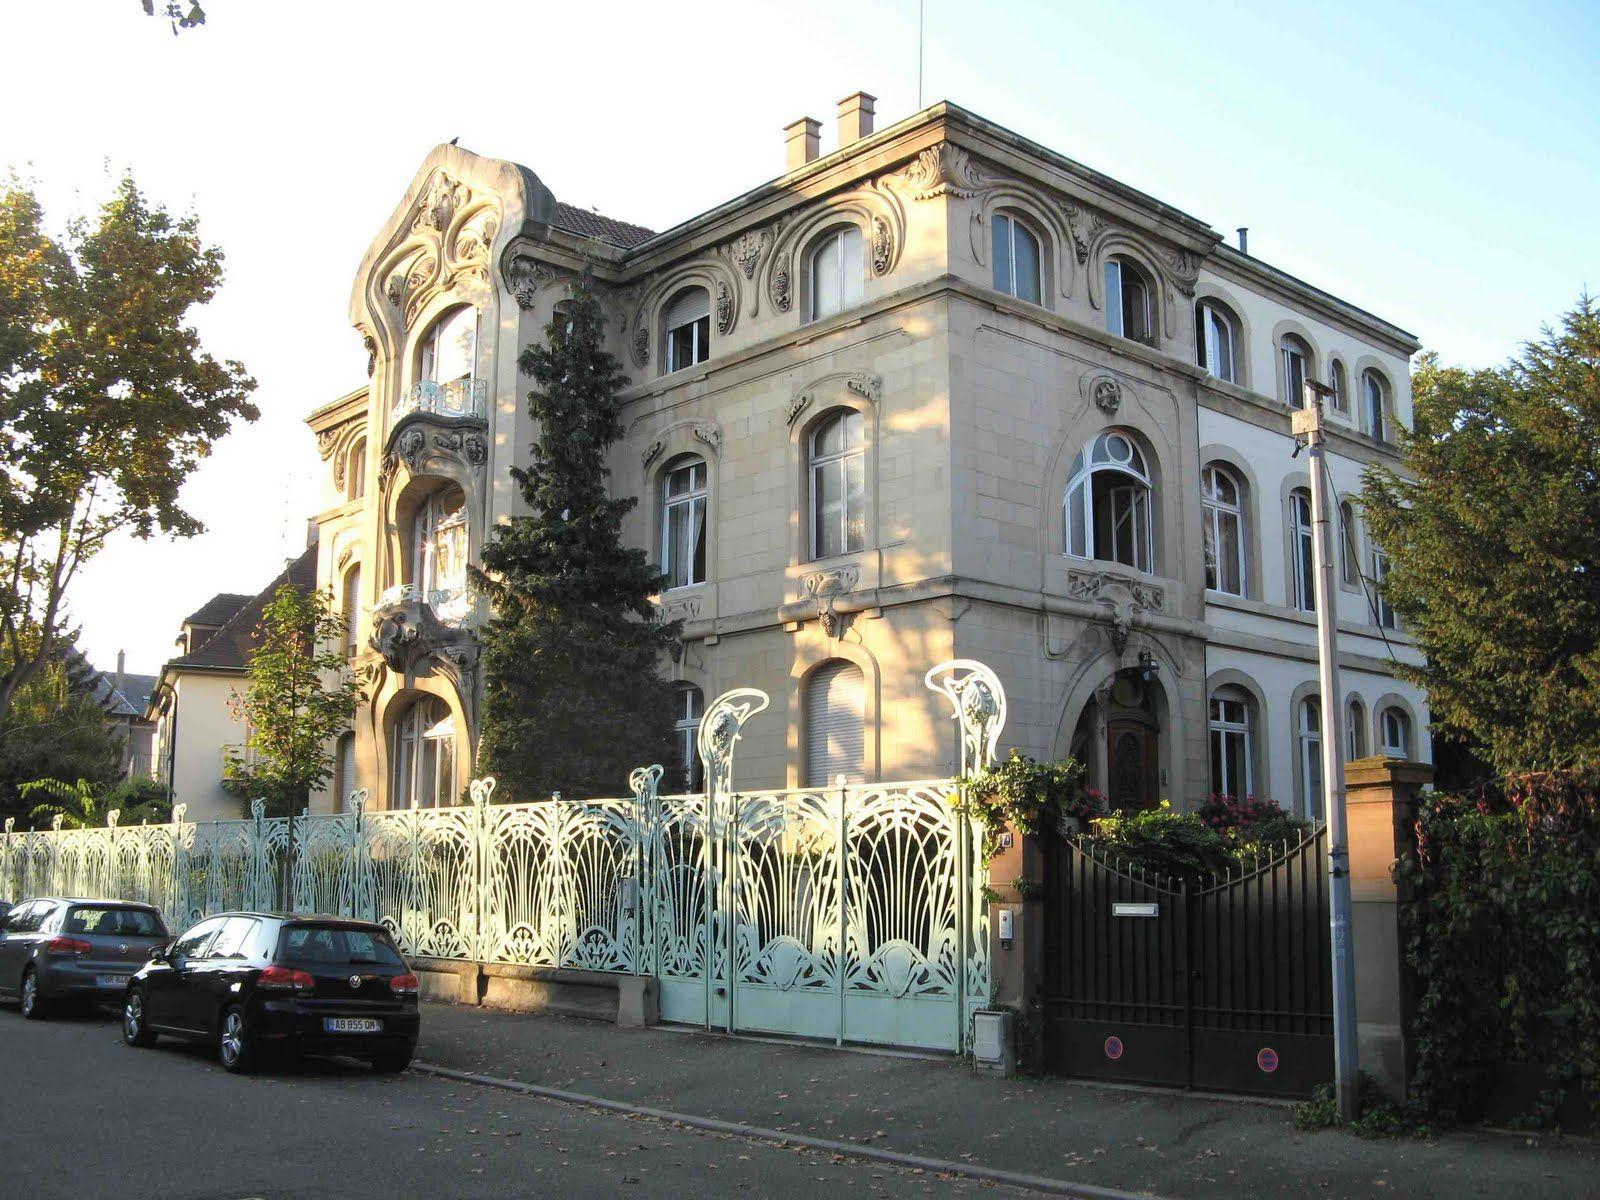 Maison aux raisins 1904 7 rue bartholdi colmar 68000 for Constructeur maison colmar